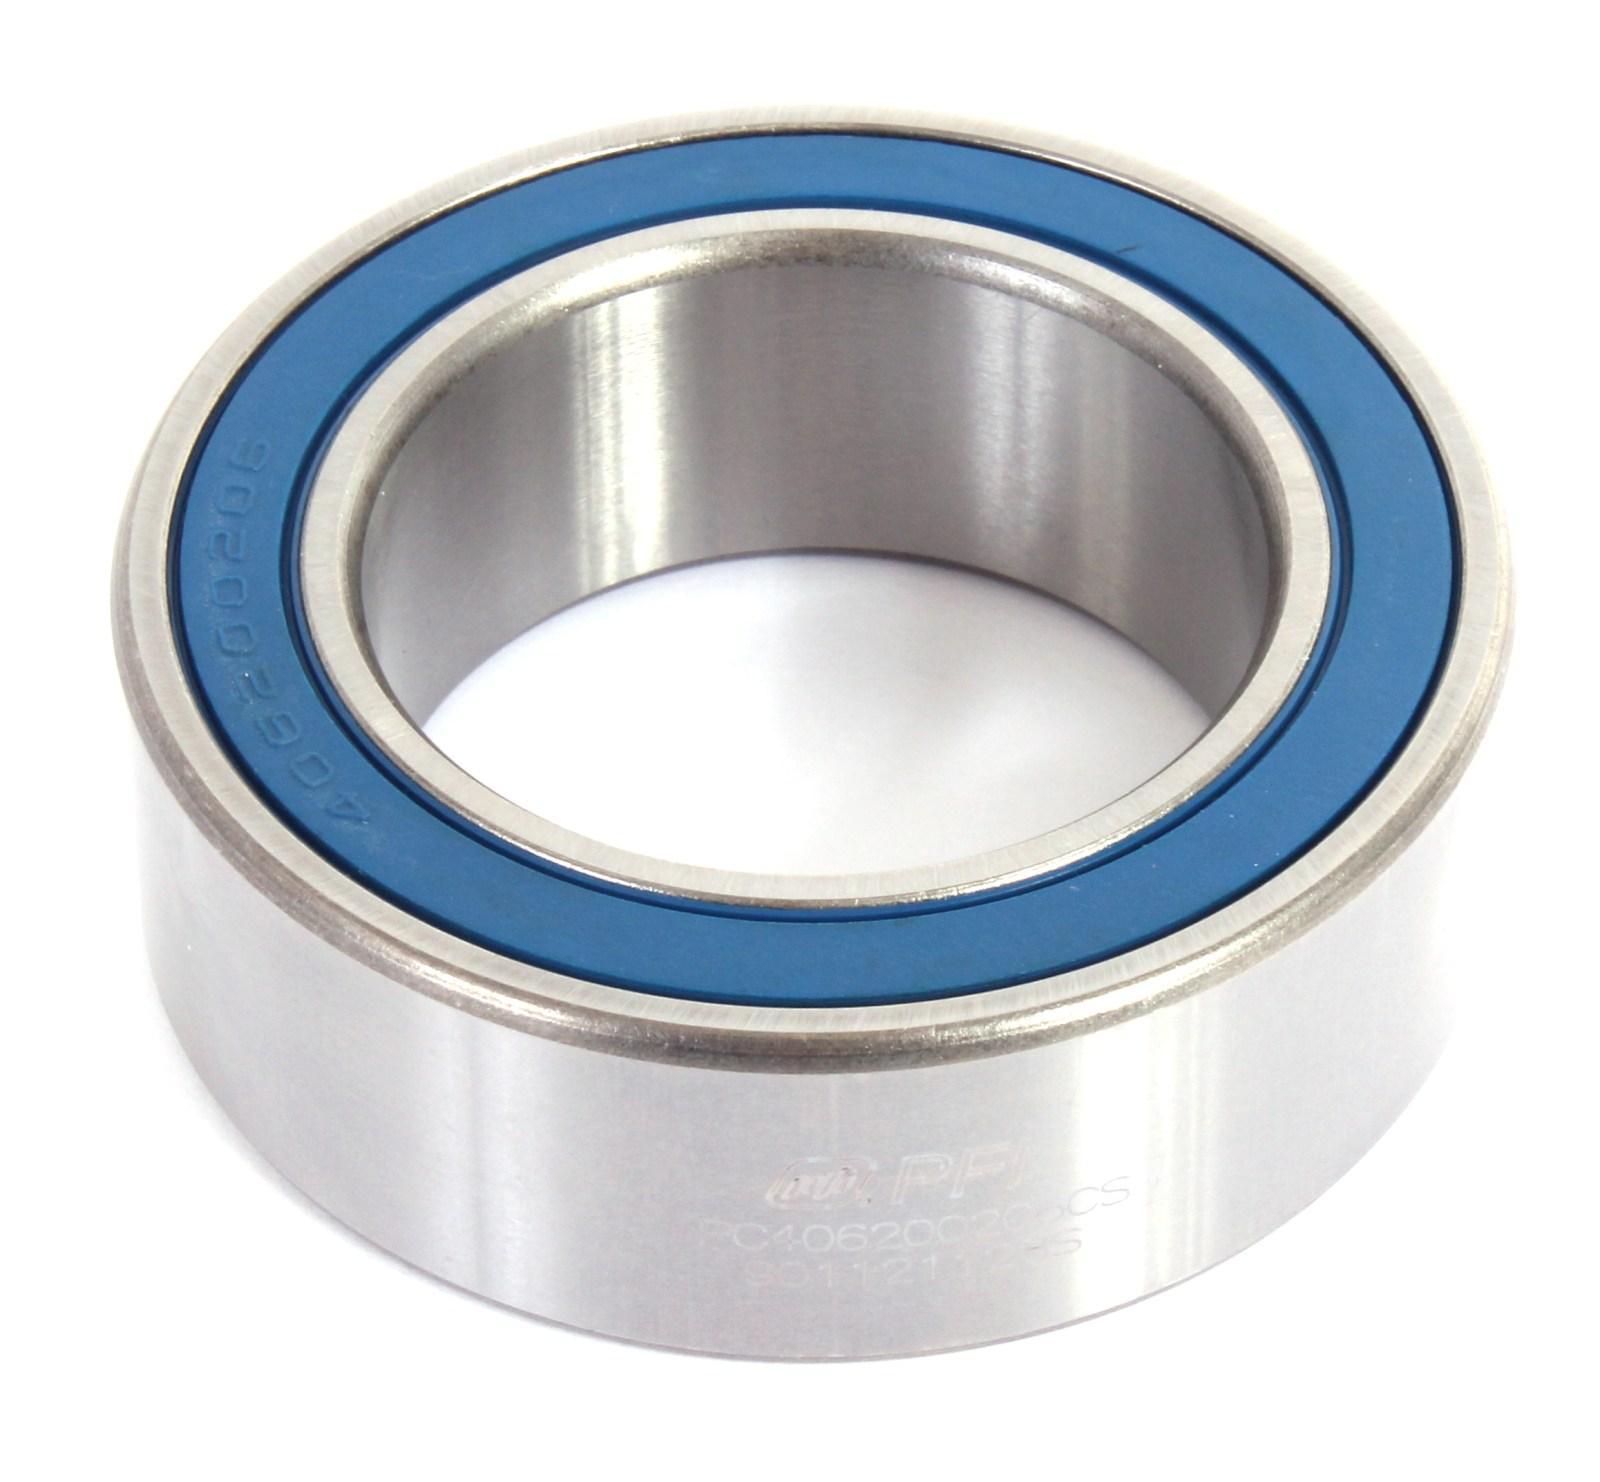 40BG62020-2DLCS, 40BD49T12DDUCG33 Compressor Pulley Bearing 40x62x20.6mm PFI | eBay